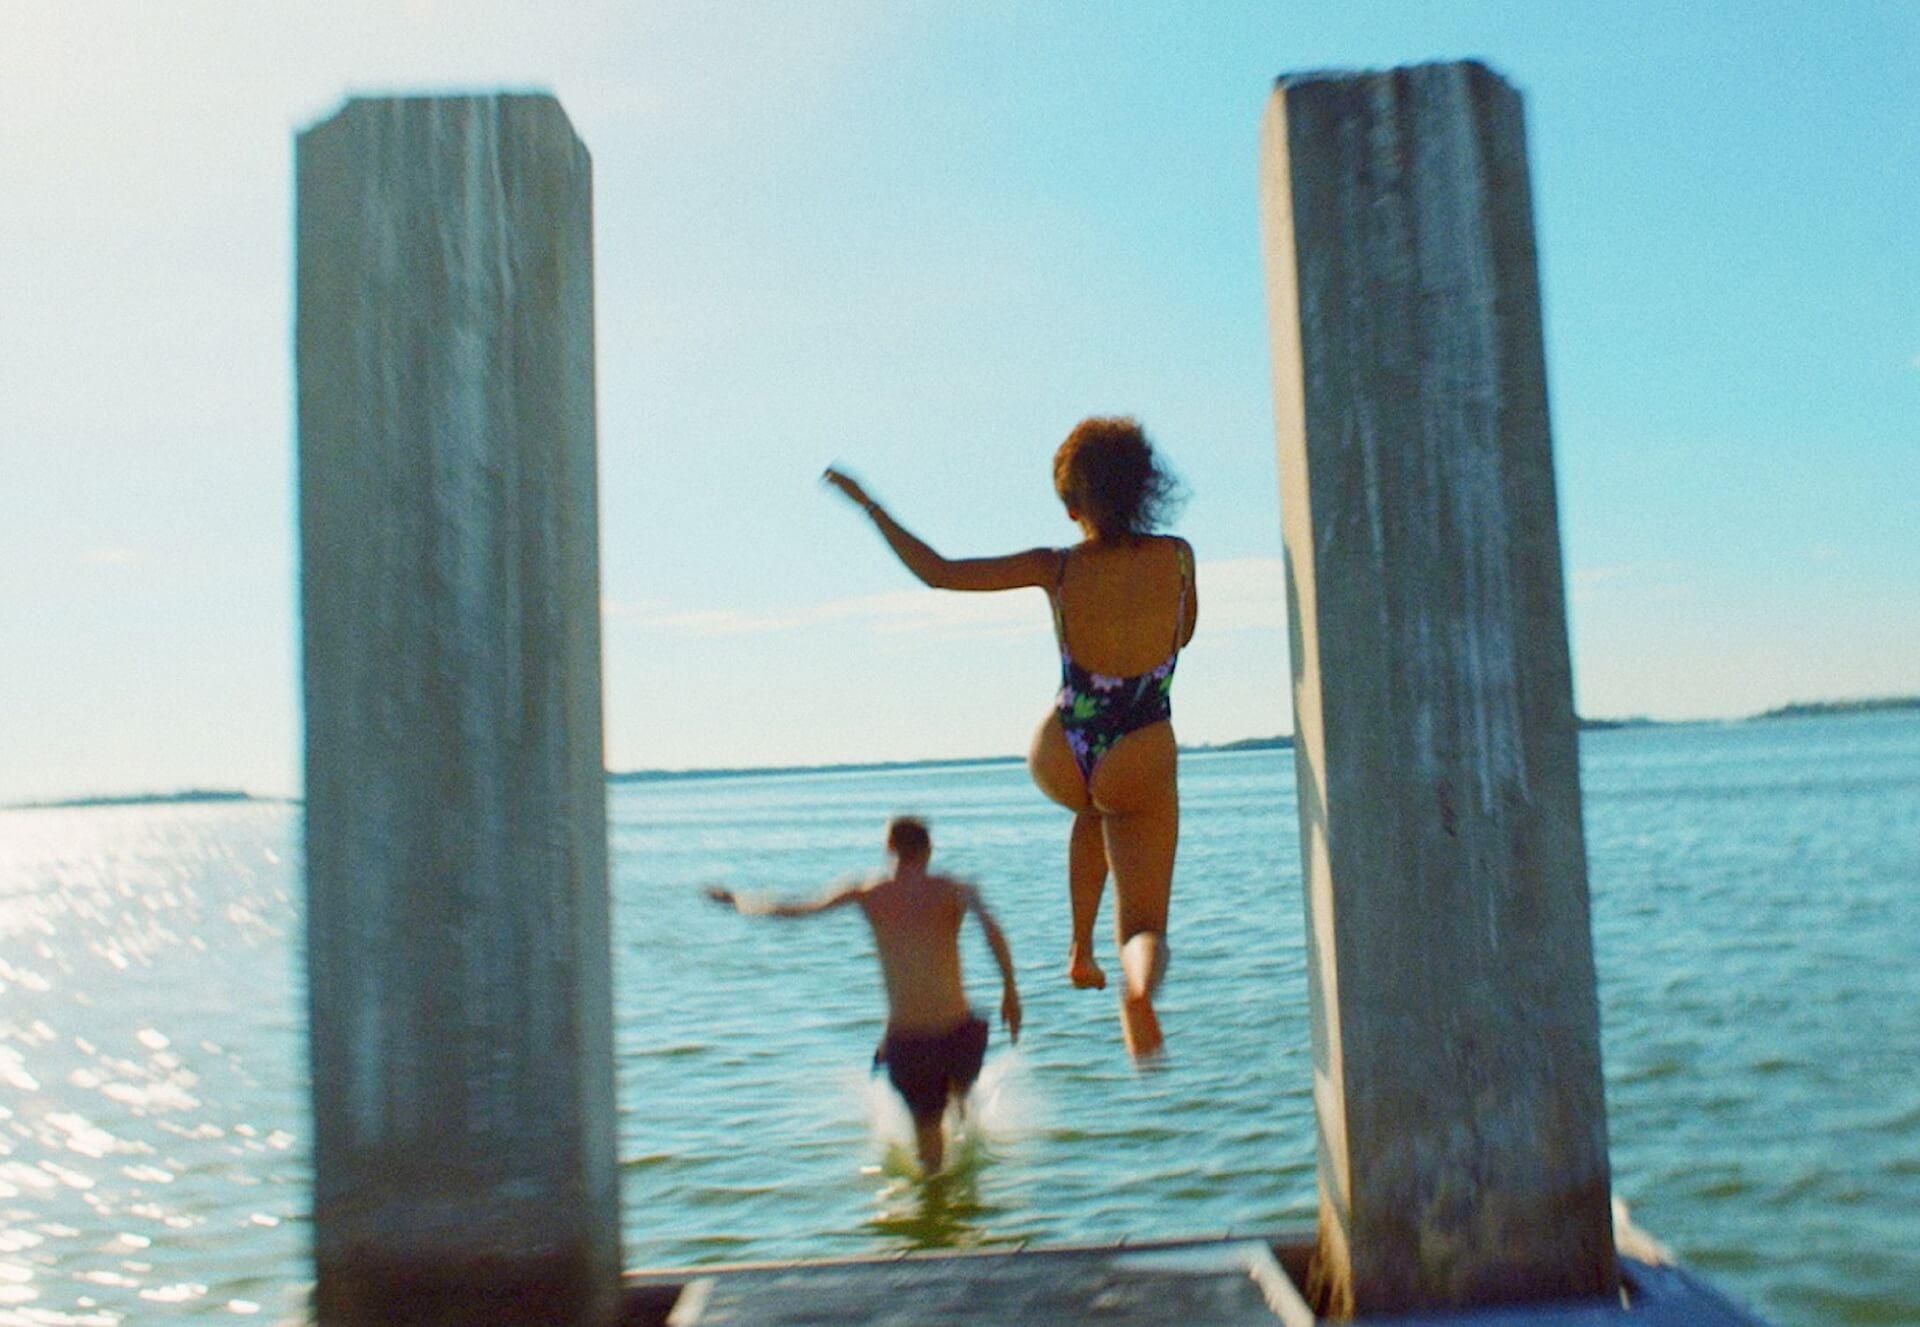 トレント・レズナーが音楽を手がけるA24最新作『WAVES/ウェイブス』の水辺のシーンが収められた場面写真が解禁! film200316_waves_2